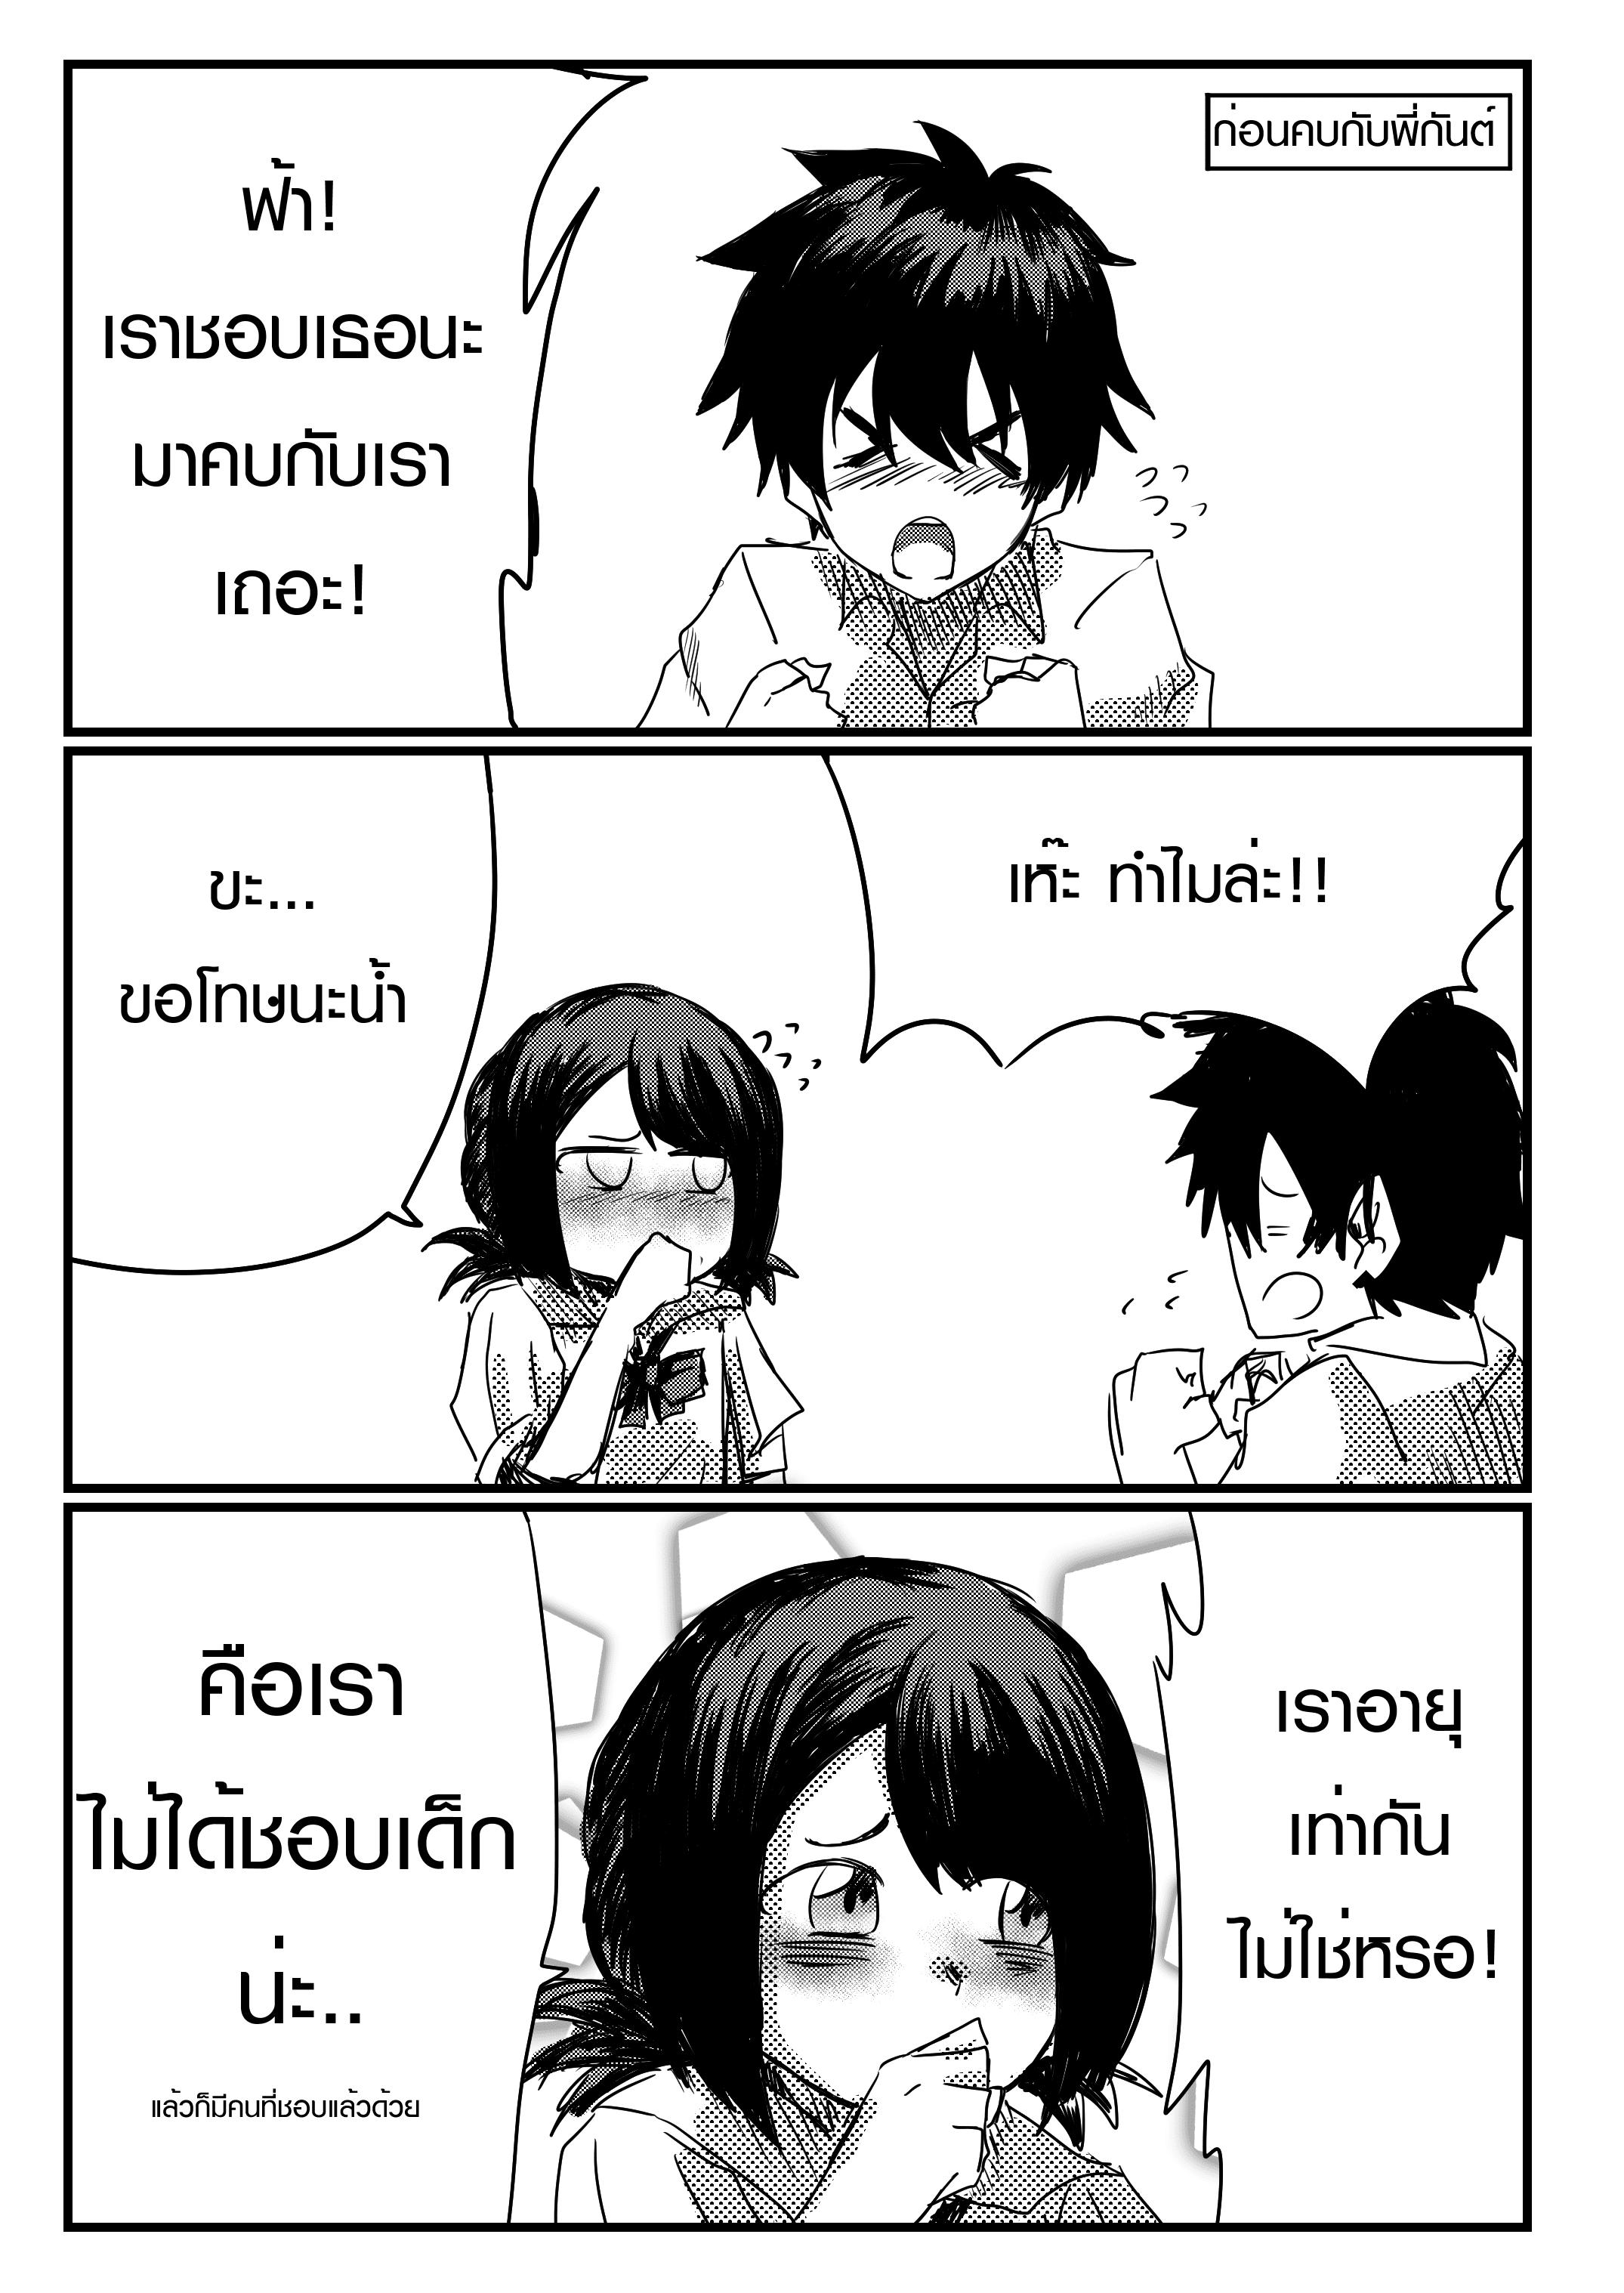 ep4 - ชวนออกเดท!